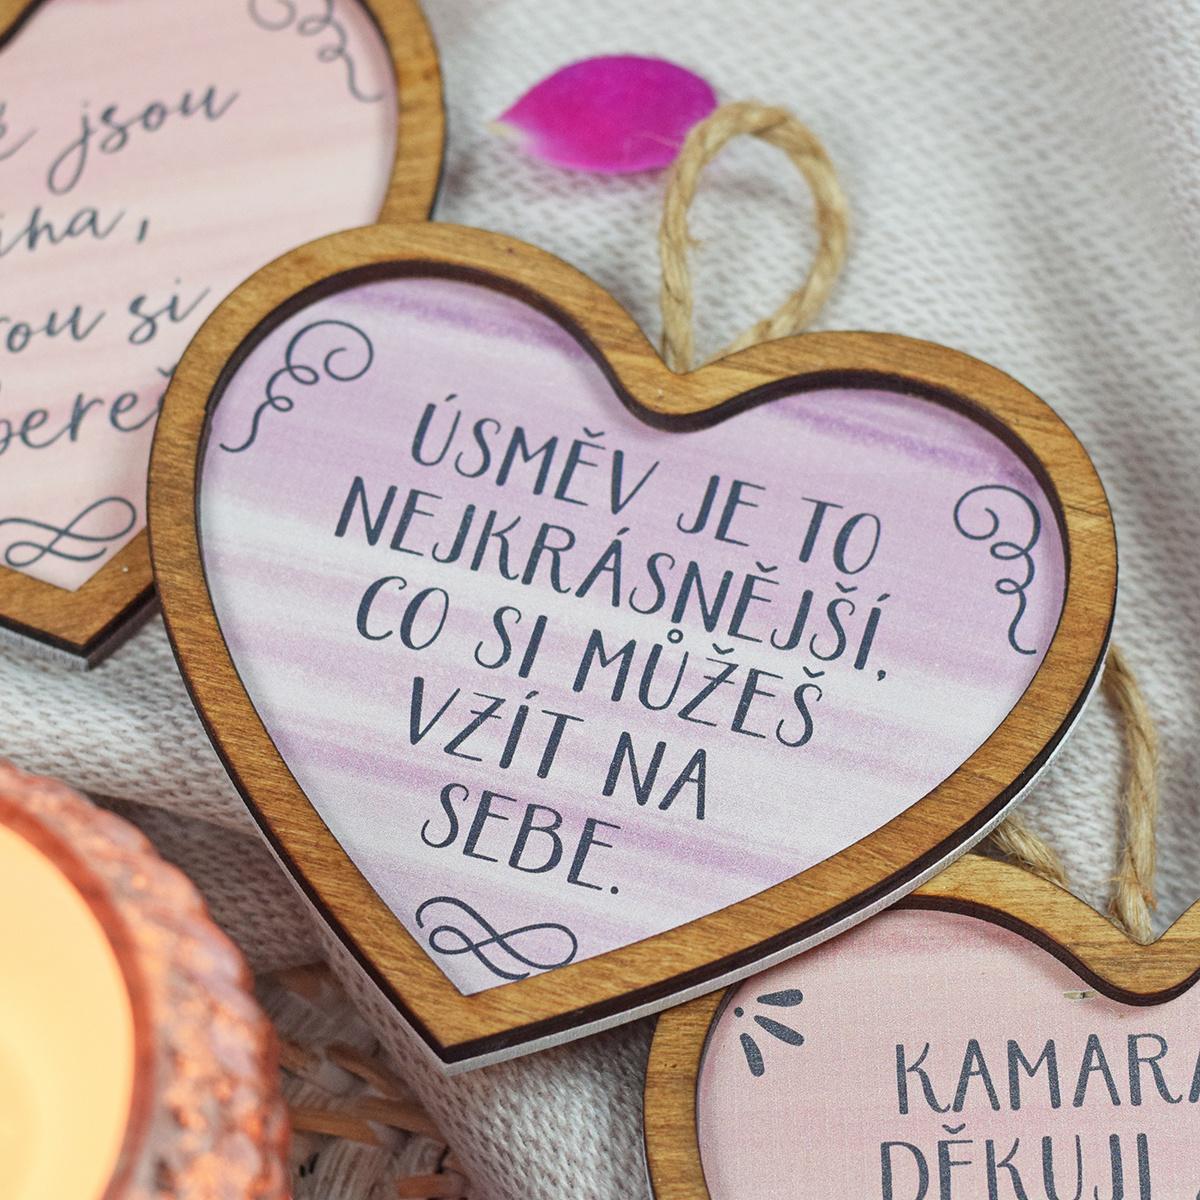 HOUSEDECOR Srdce pro radost - Úsměv je to nejkrásnější